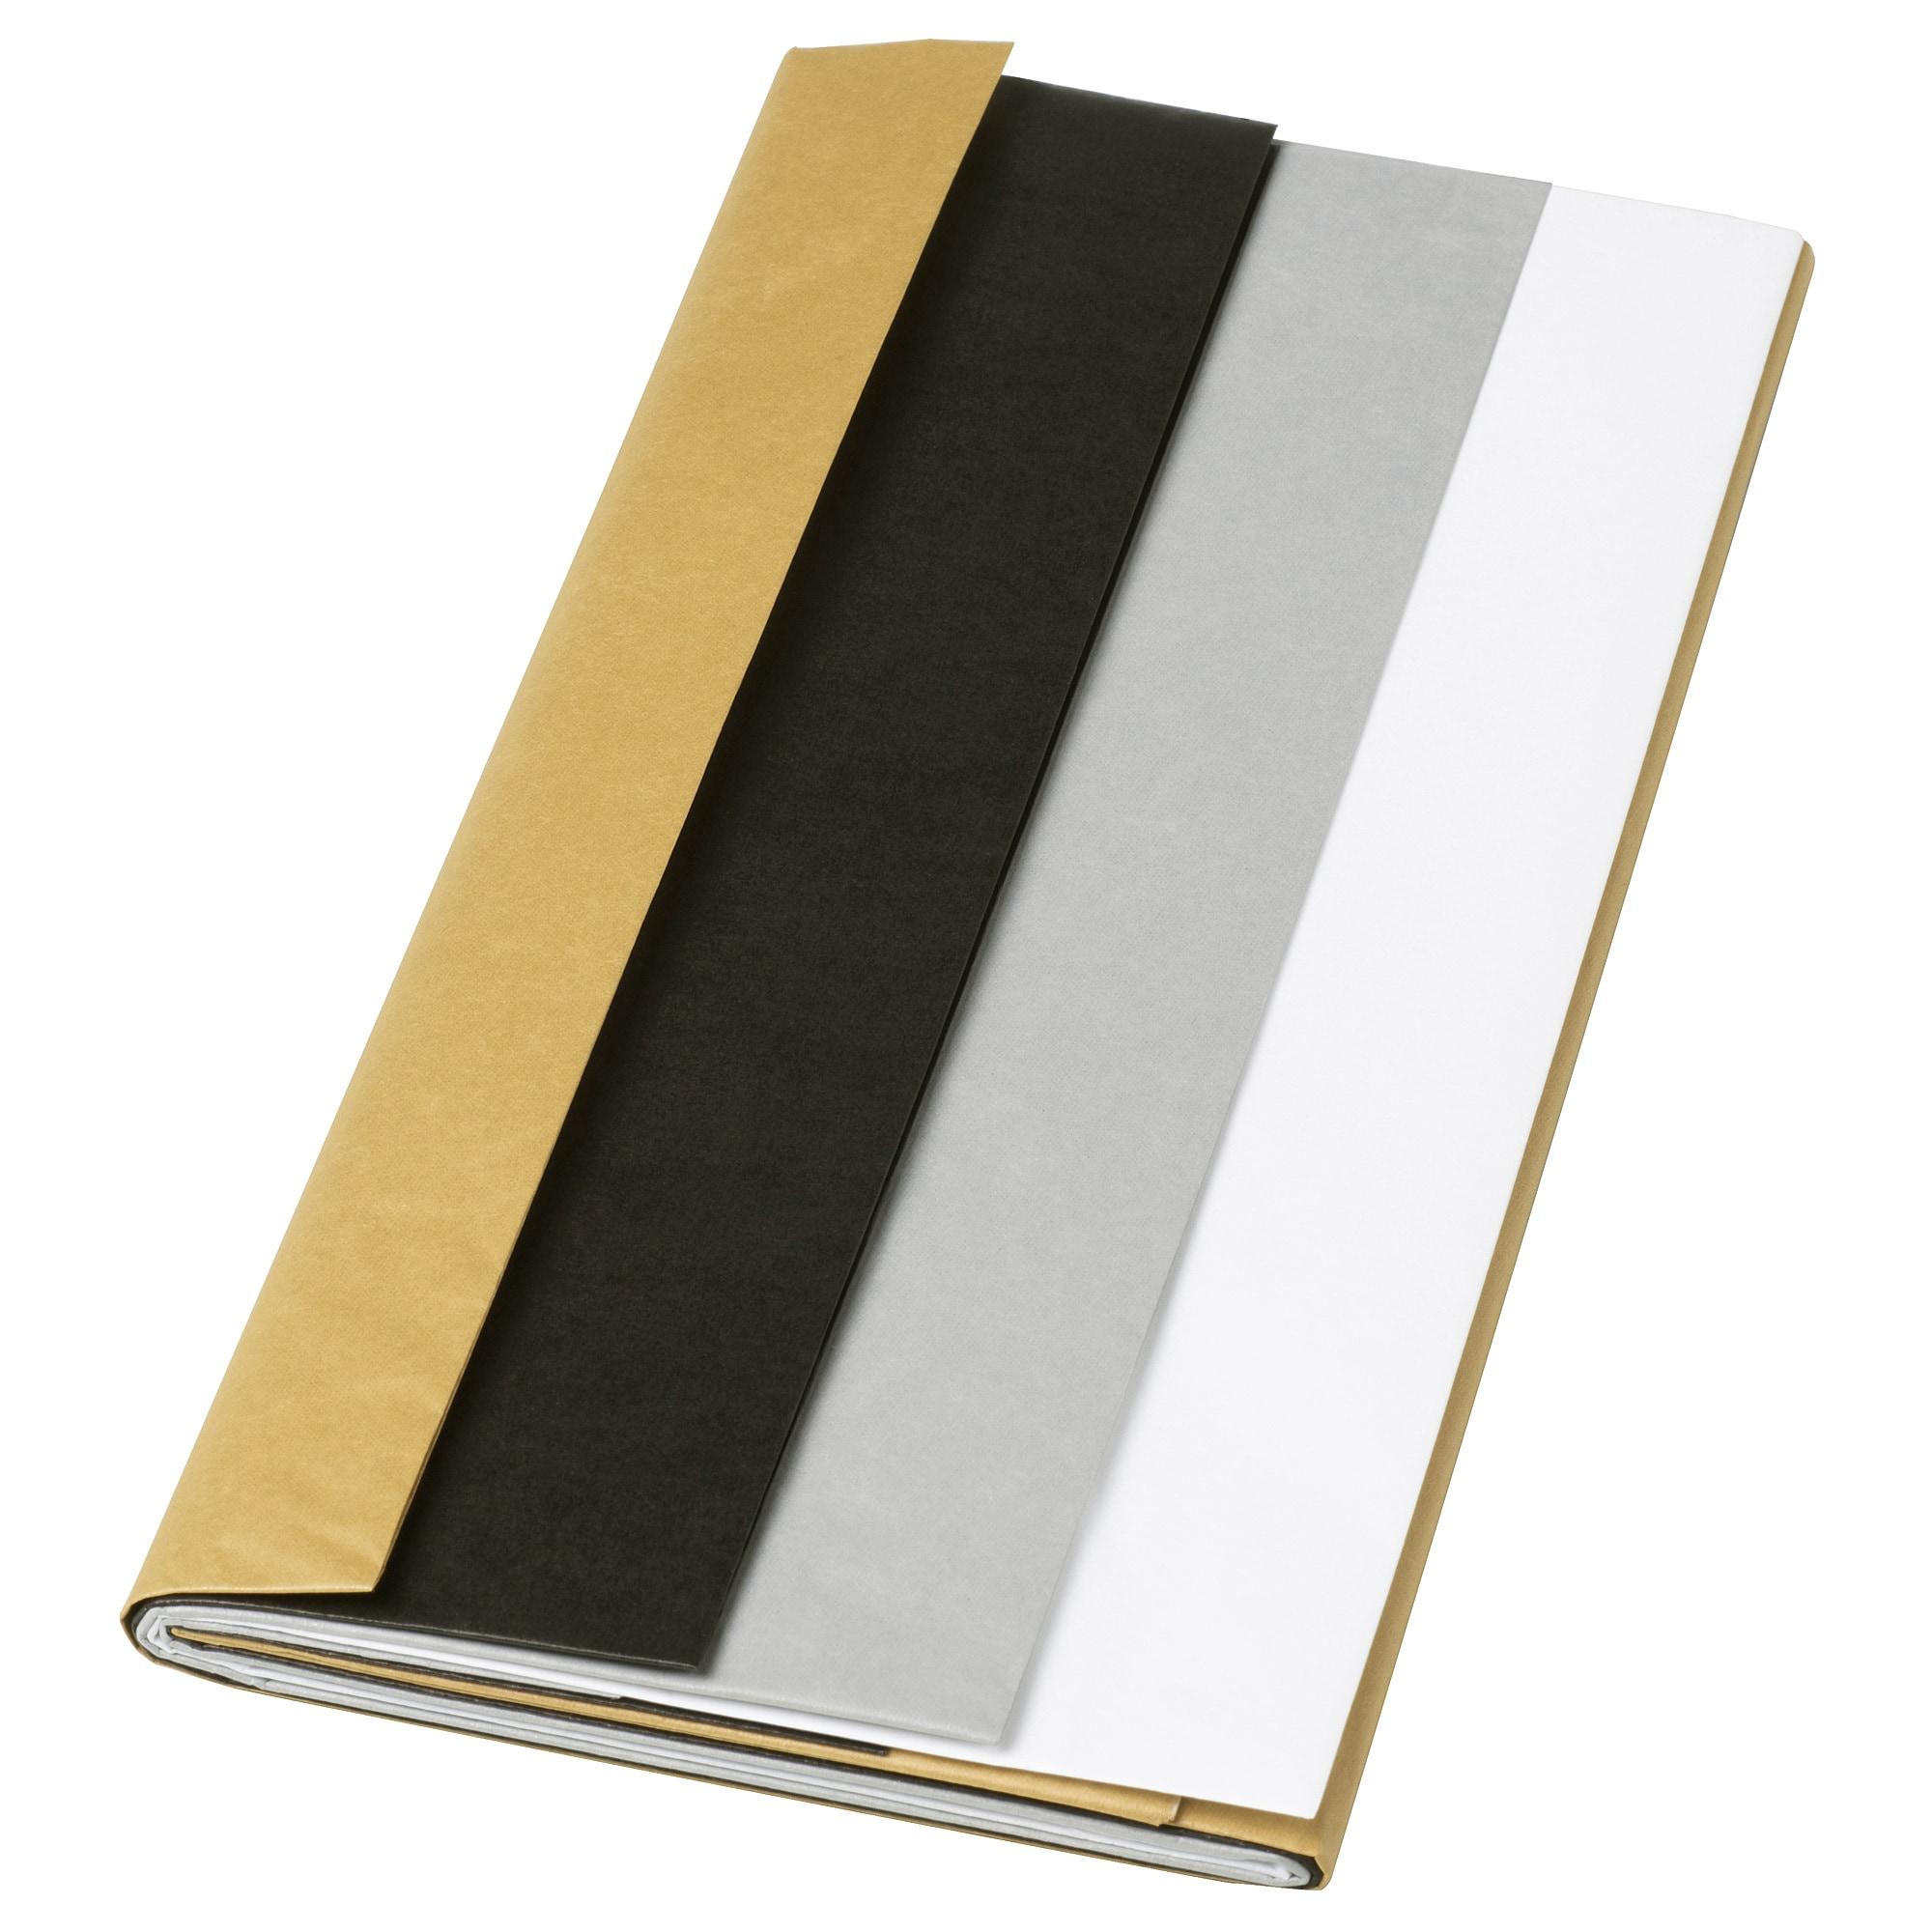 Шелковая бумага ВИНТЕР 2018 белый/серебристый артикуль № 604.016.79 в наличии. Онлайн магазин IKEA Минск. Недорогая доставка и монтаж.